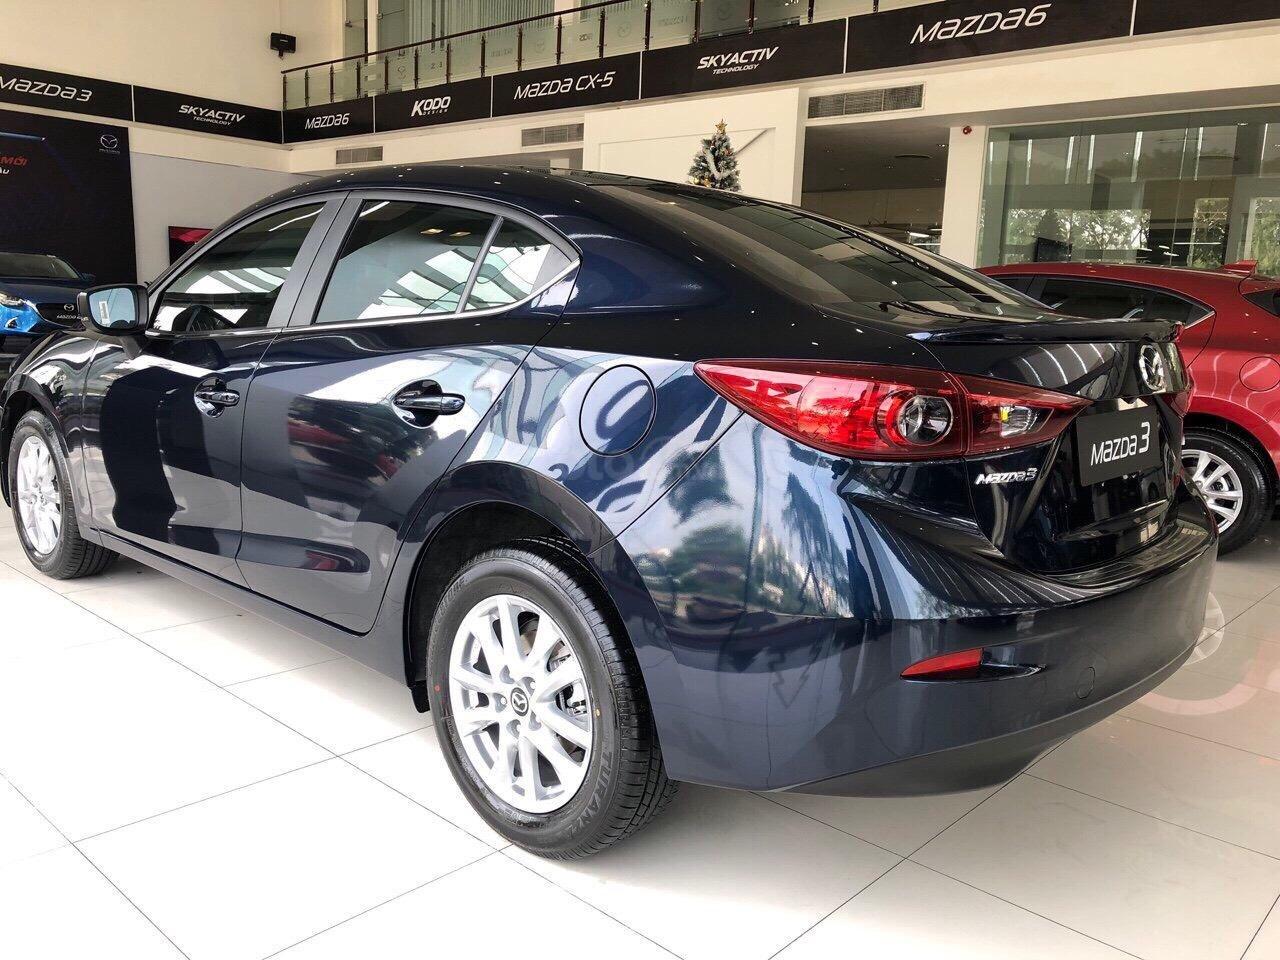 Bán xe Mazda 3 xanh đen 2019 - Tặng gói bảo dưỡng miễn phí - Hỗ trợ trả góp 80% (7)